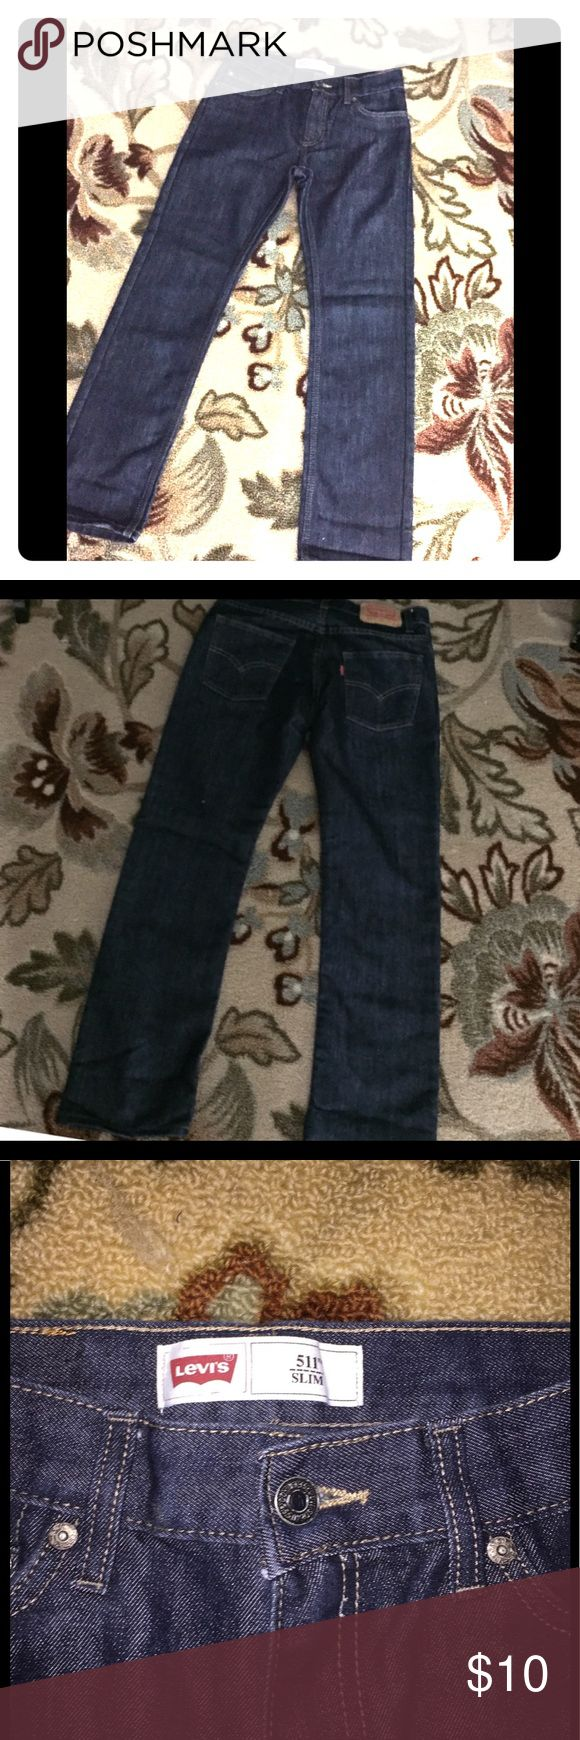 Levi's 511 Straight Fit Dark Wash Jeans sz 14/0 Levi's 511 Straight Fit Dark Wash Jeans sz 14 junior 0 women..: good condition Levis Jeans Boyfriend